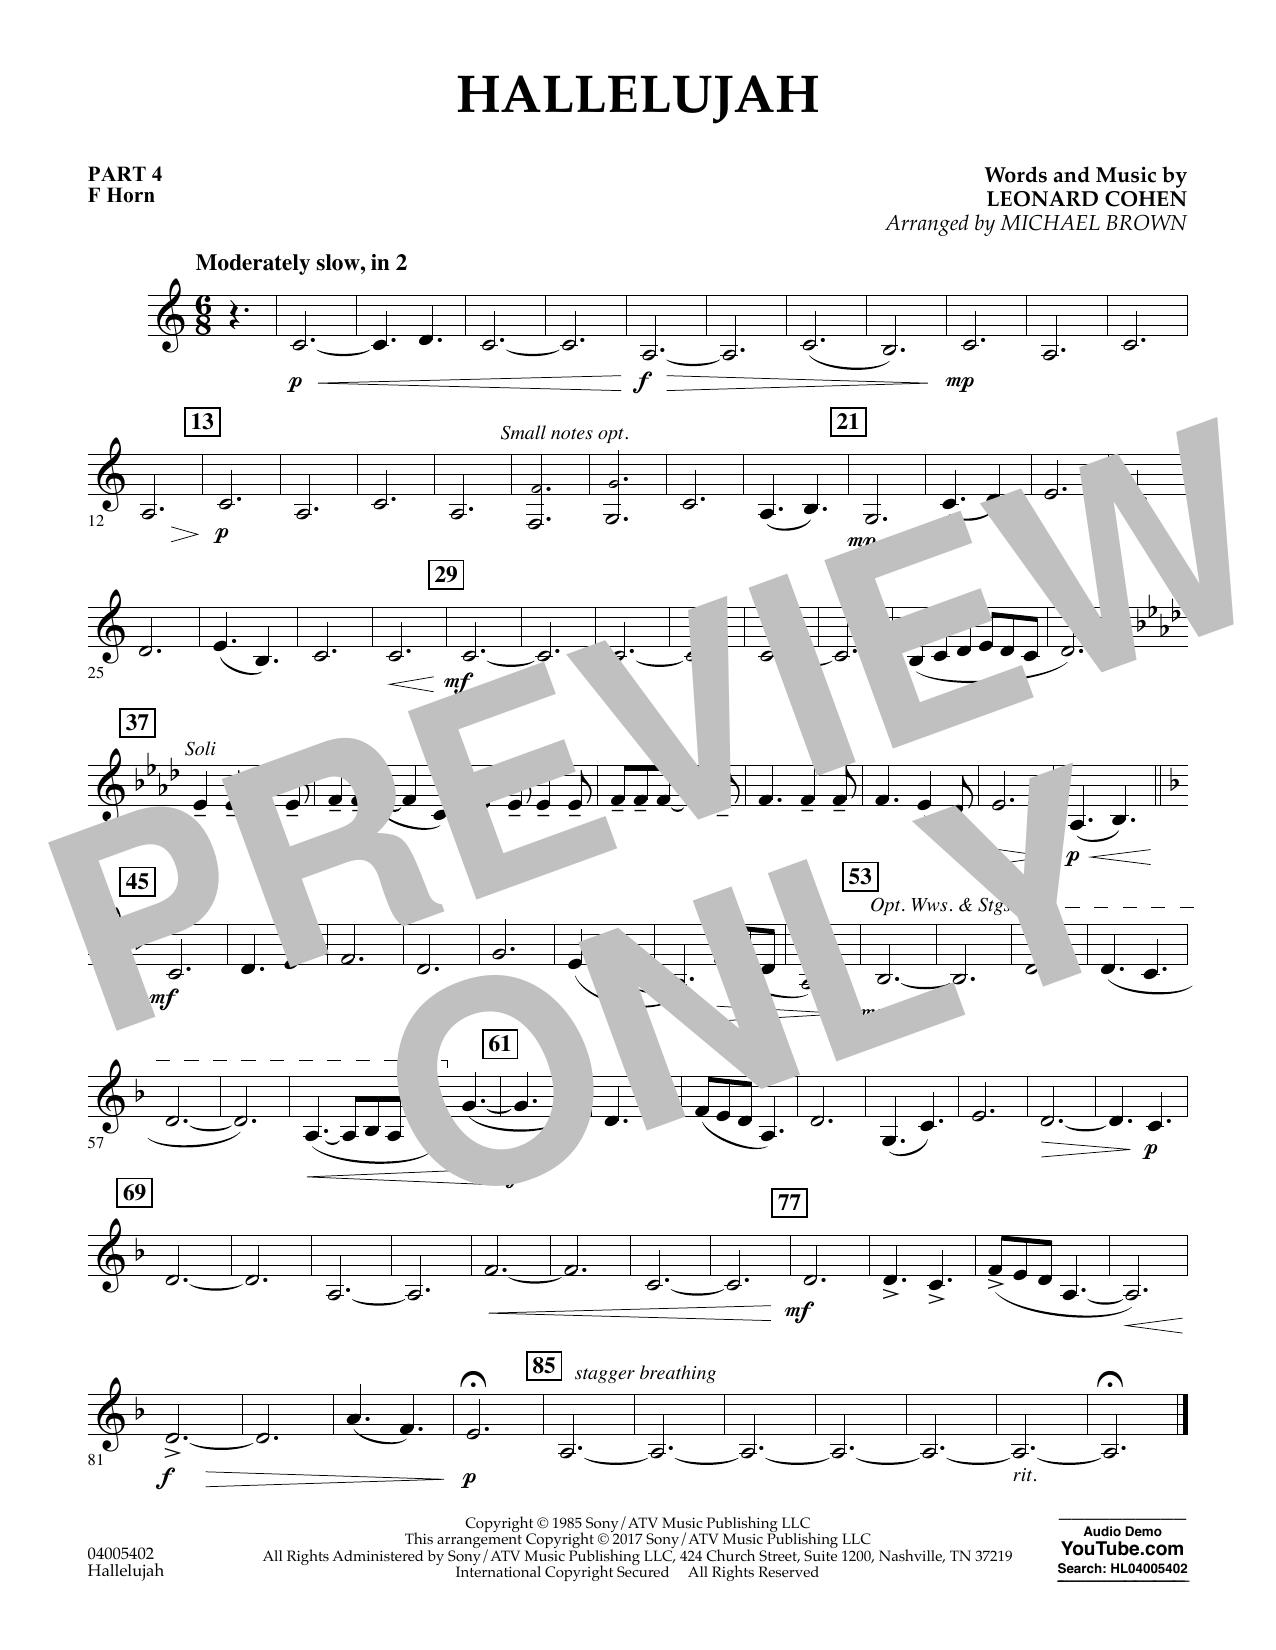 Hallelujah - Pt.4 - F Horn (Flex-Band)